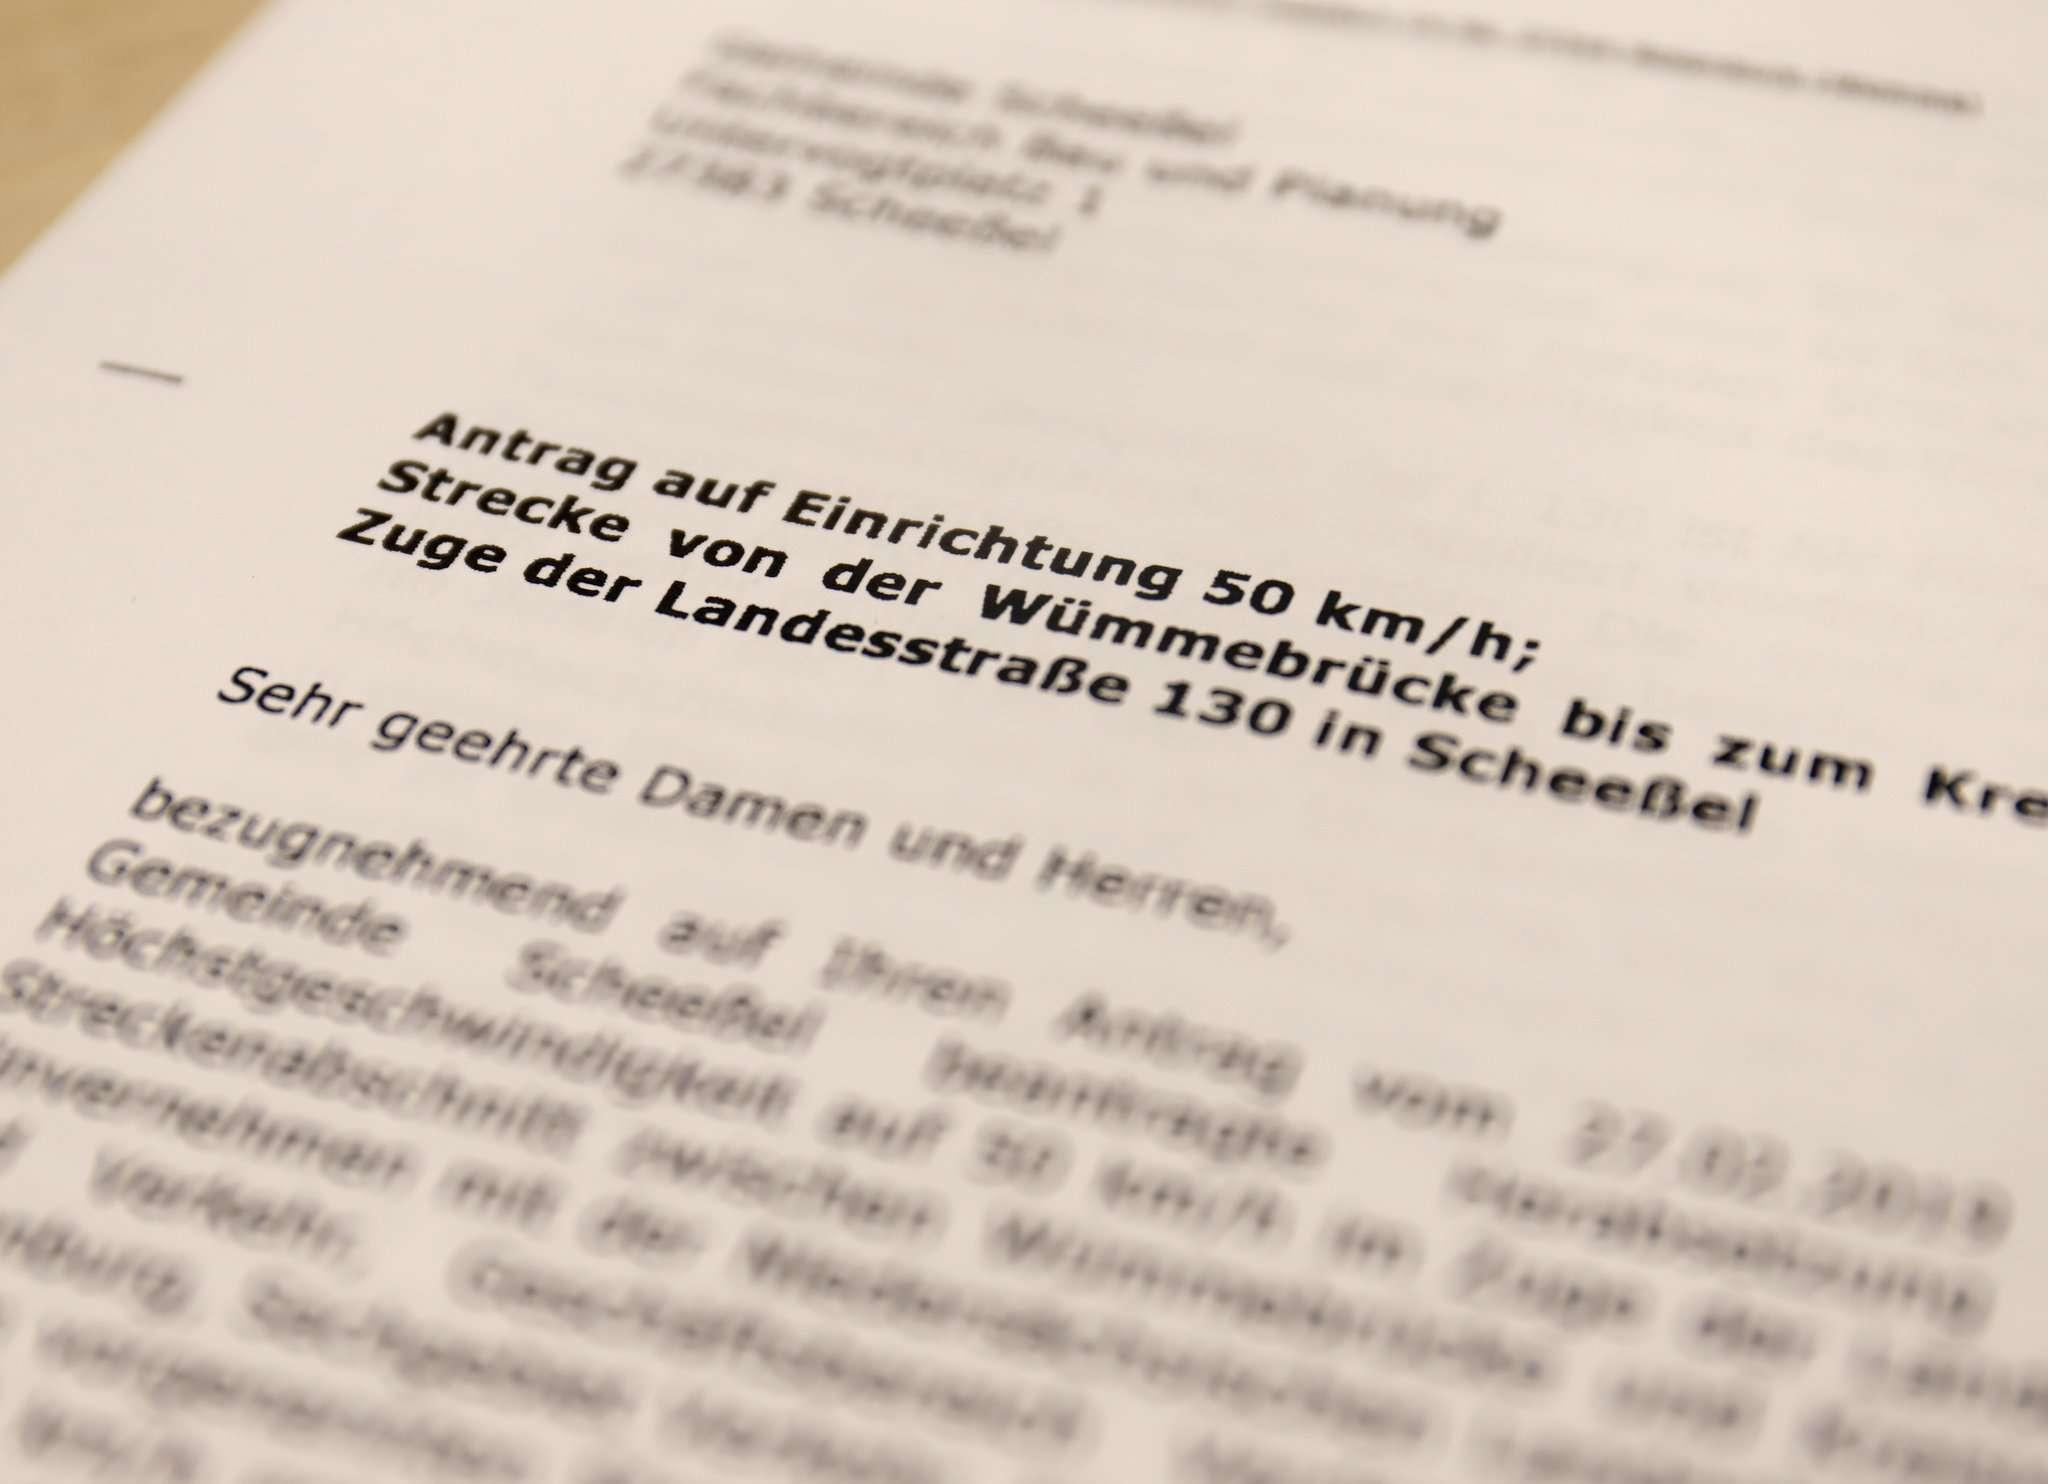 Der Landkreis Rotenburg hat noch einmal schriftlich seine Ablehnung an die Gemeinde Scheeßel geschickt.